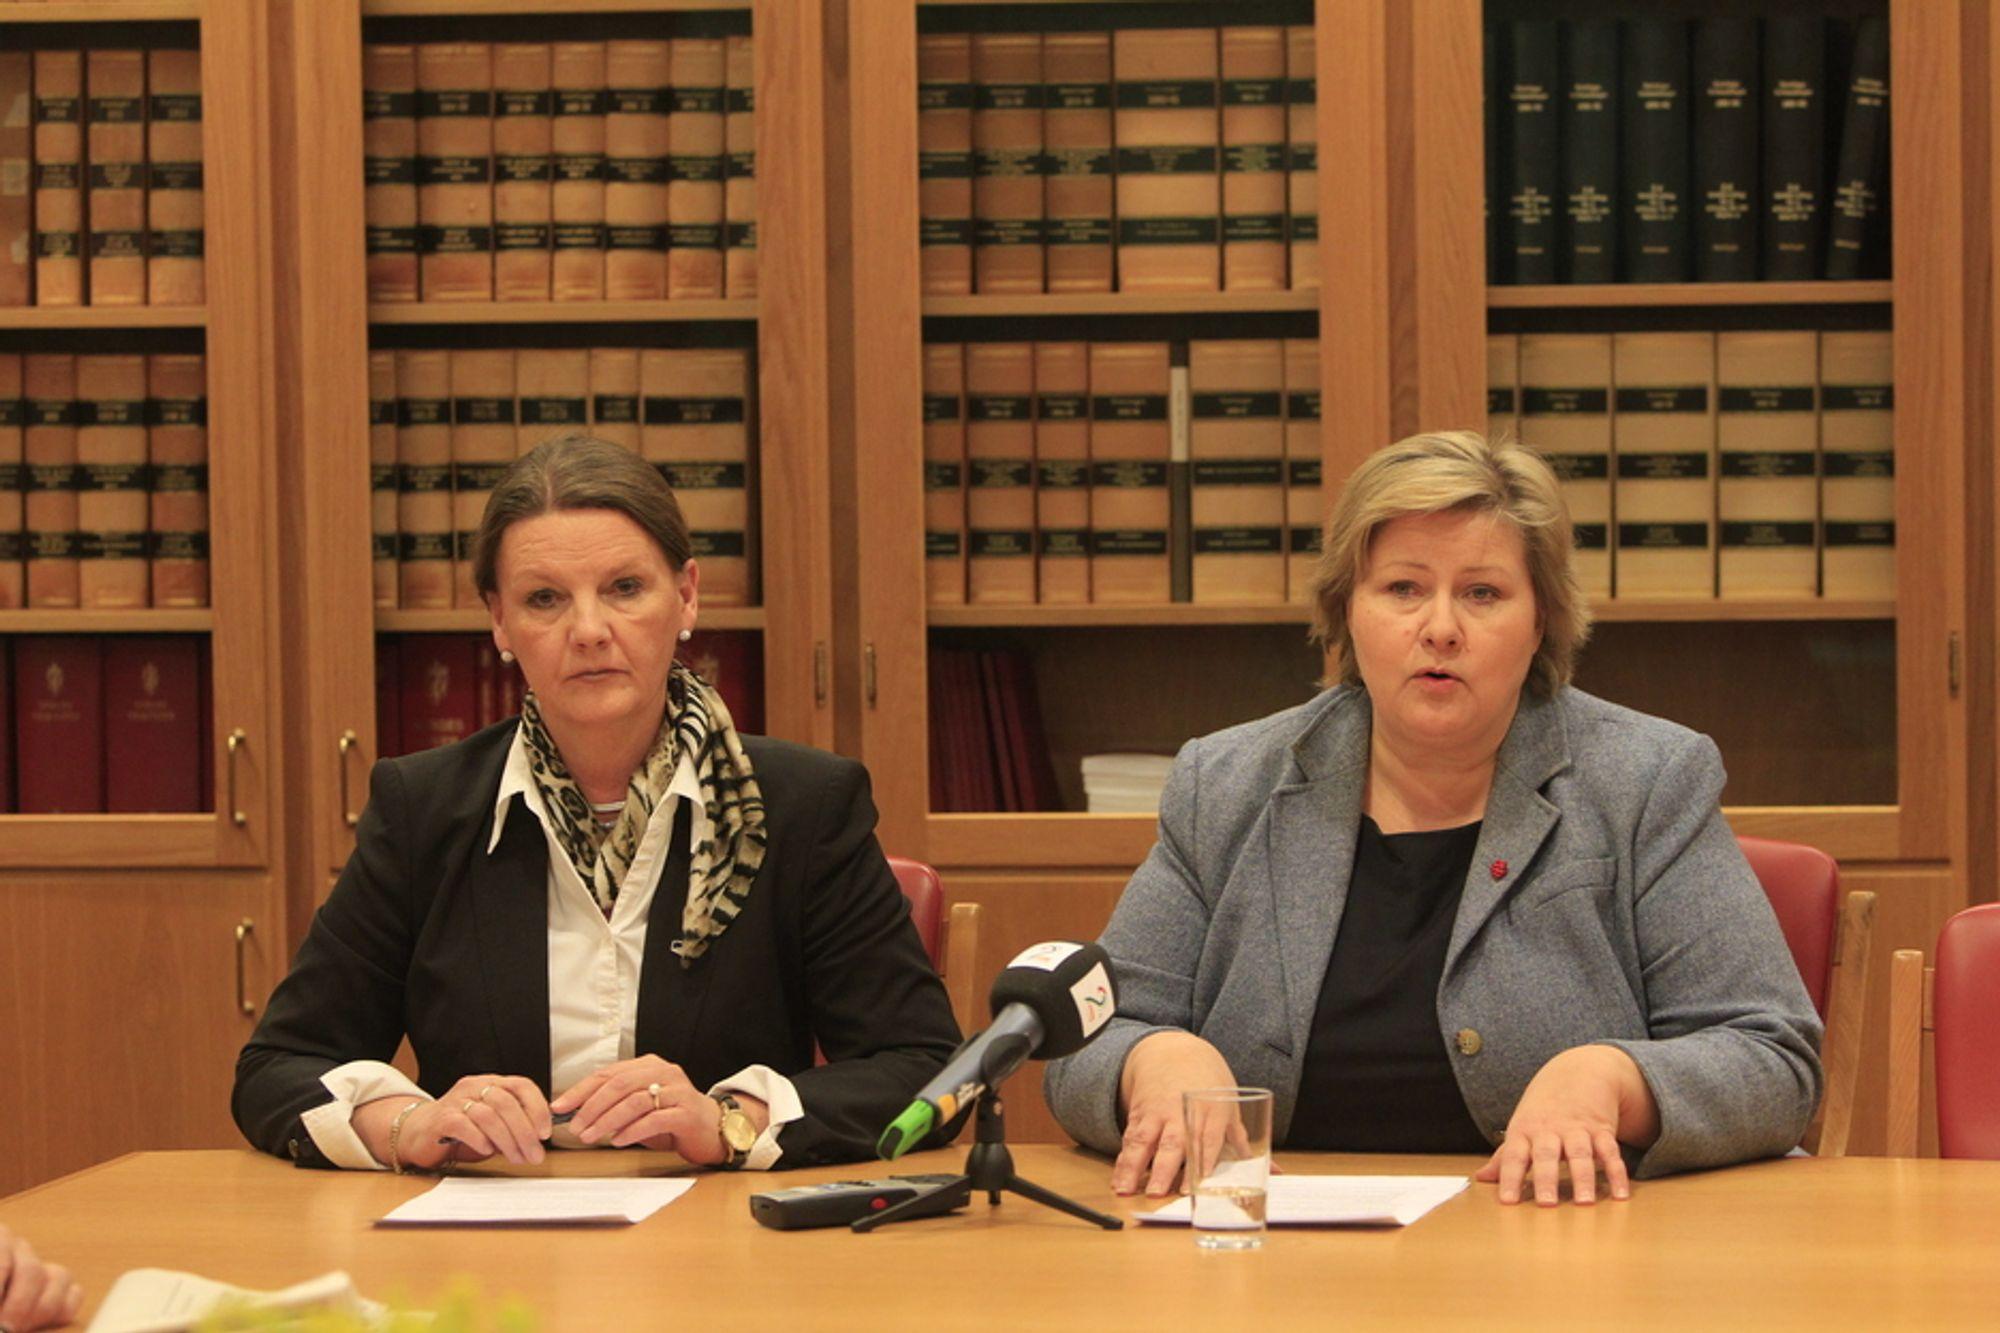 Saksordfører Ingjerd Schou (t.v.) og partileder Erna Solberg i Høyre under onsdagens pressebrief om datalagringsdirektivet.